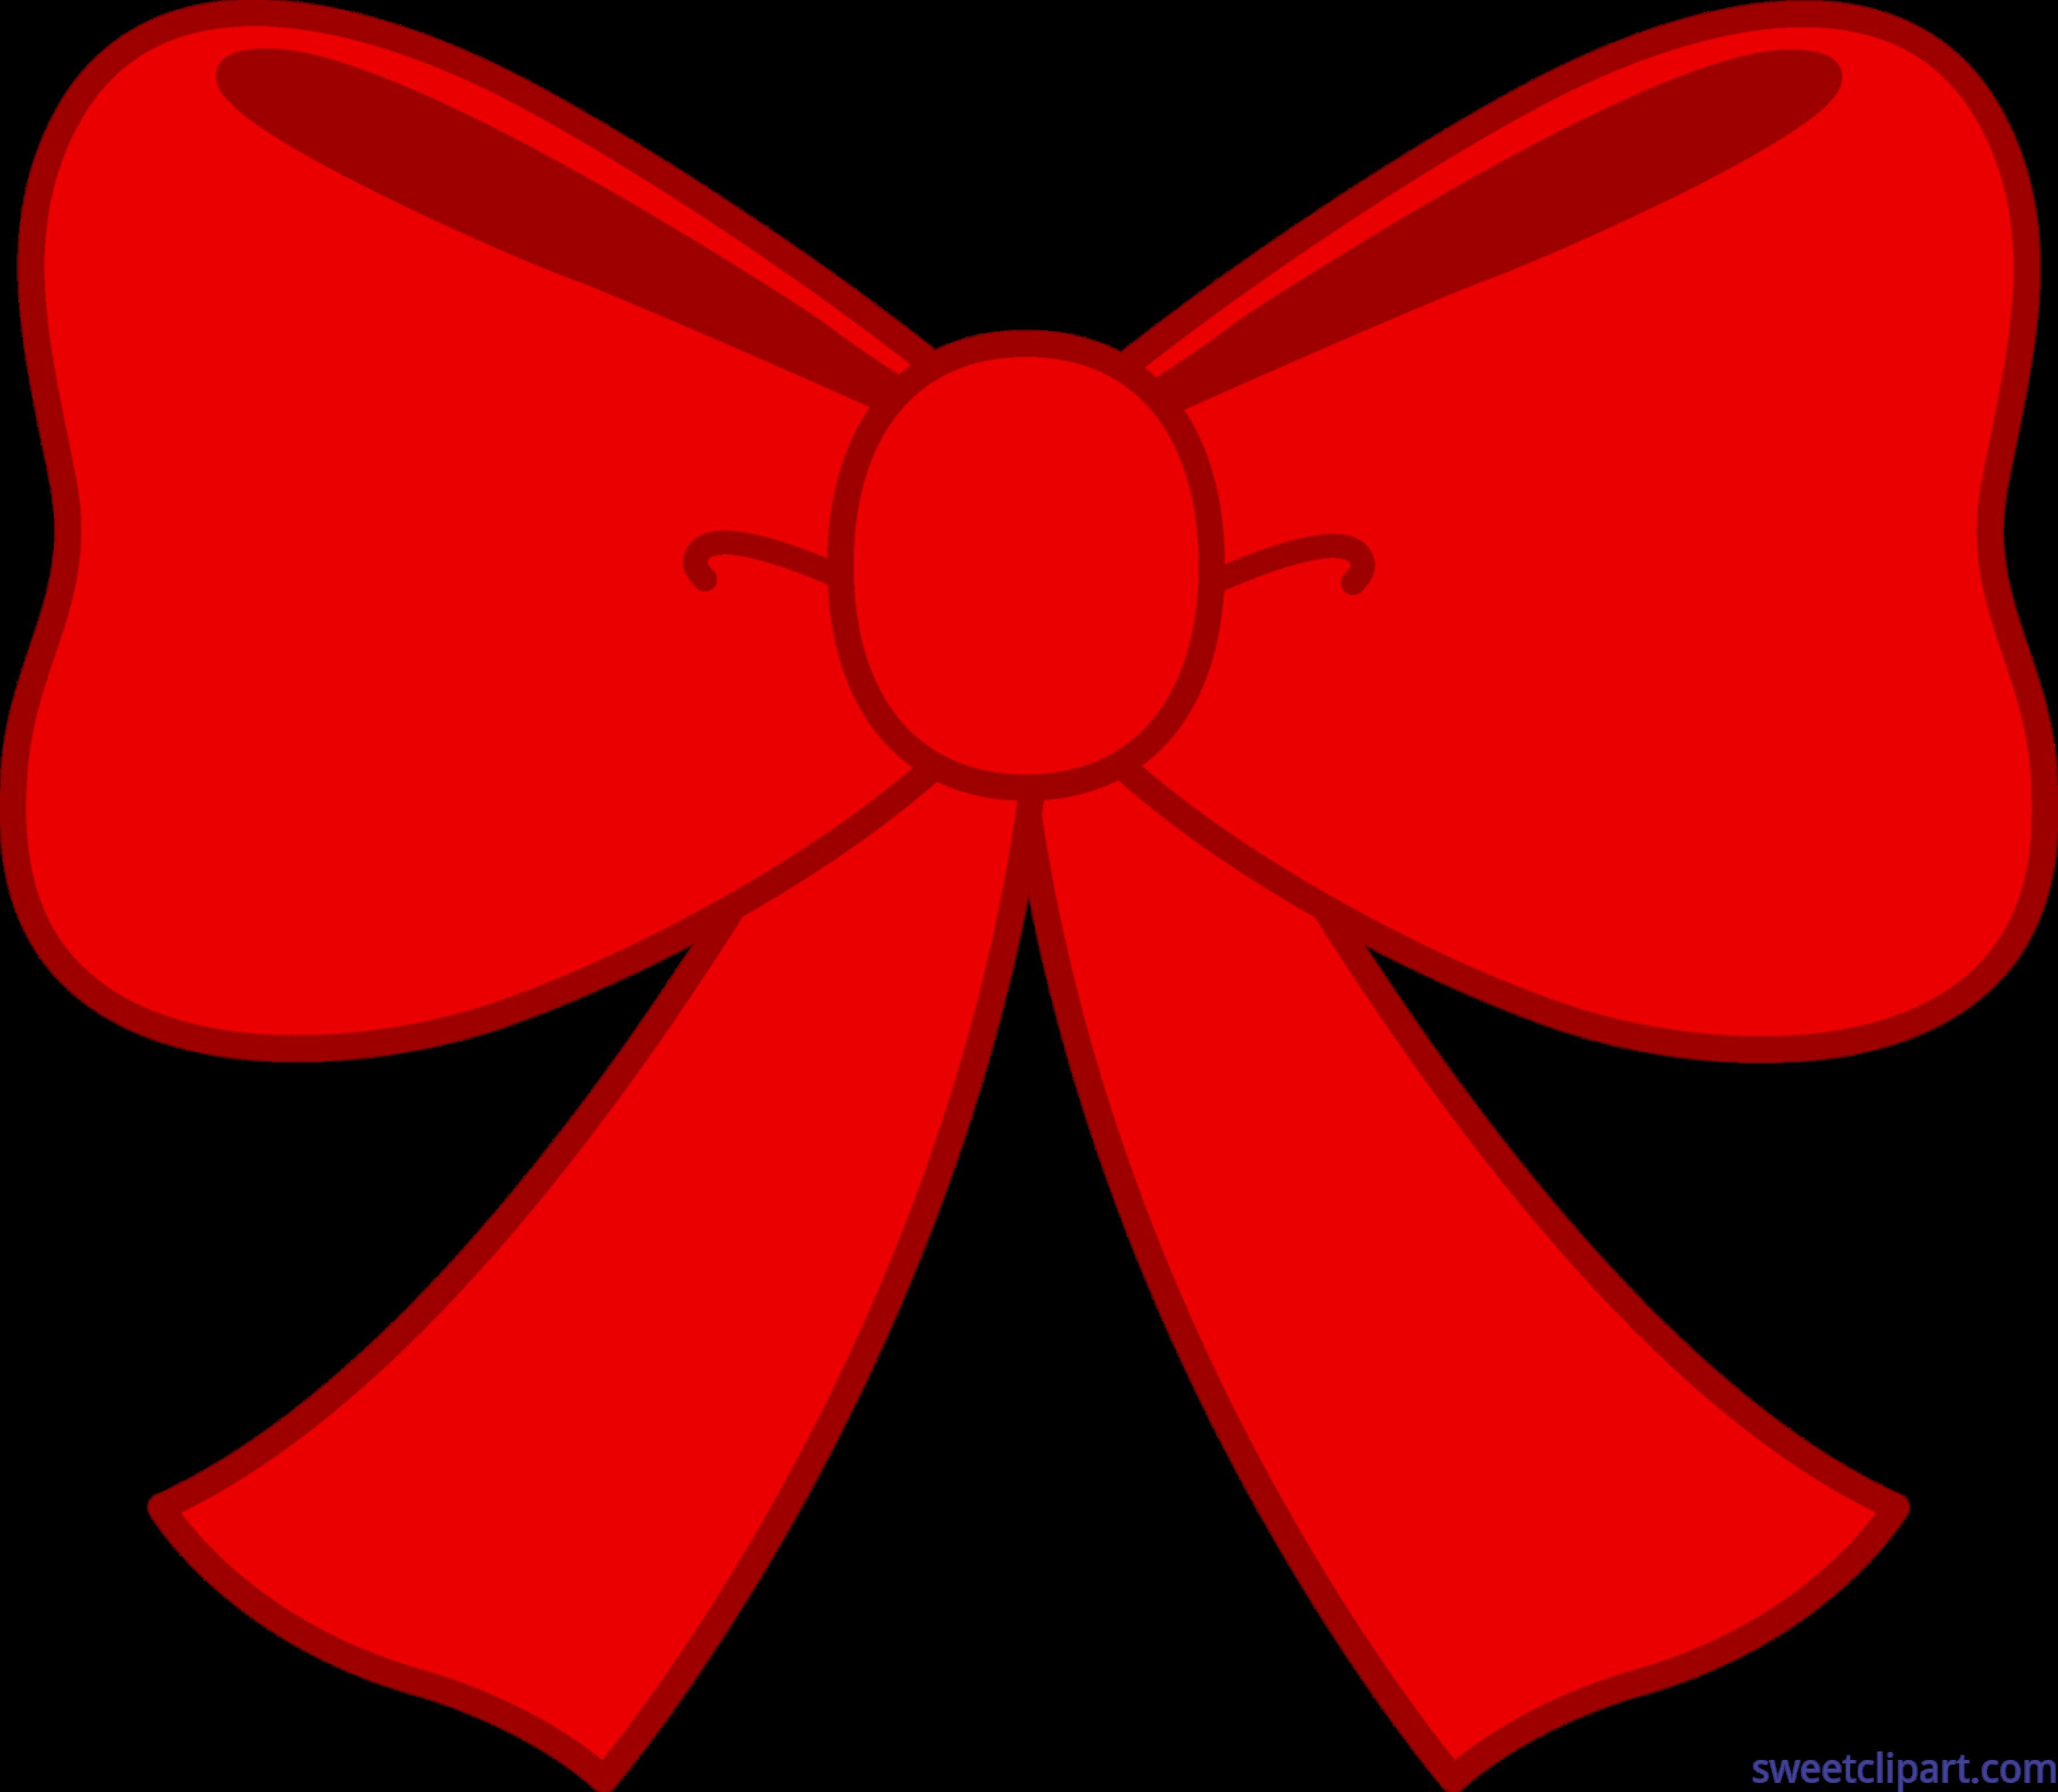 Cute Red Bow Clip Art - Sweet Clip Art